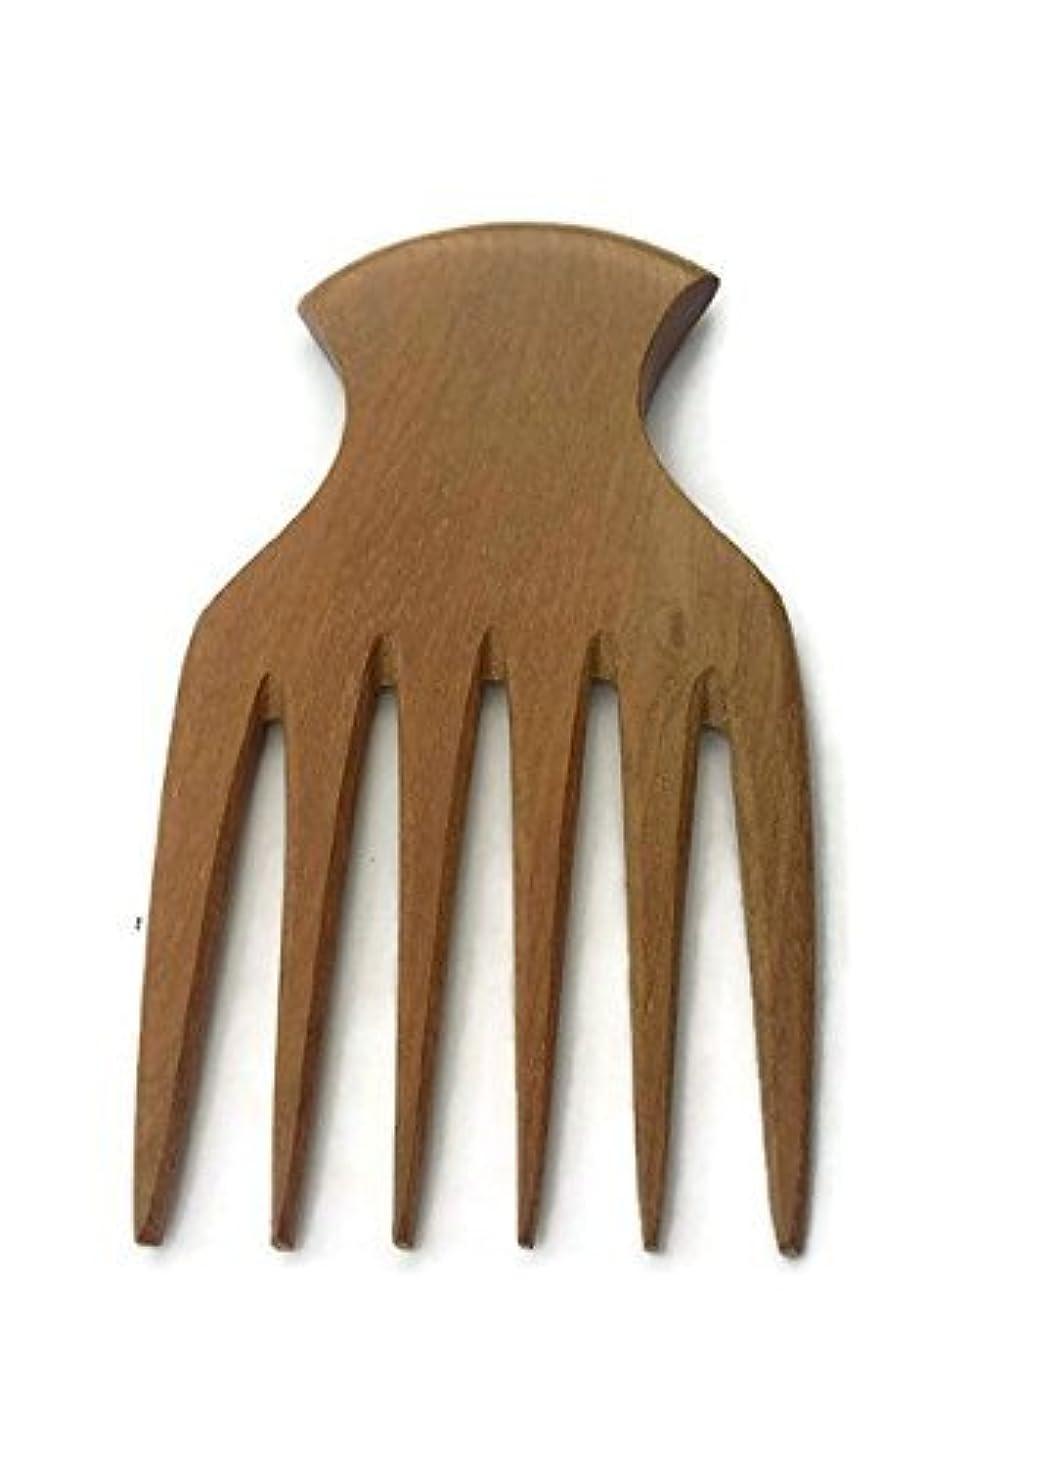 故障中オーラルマディソンPlai Na natural wood comb afro pick handmade for thick and curly hair [並行輸入品]